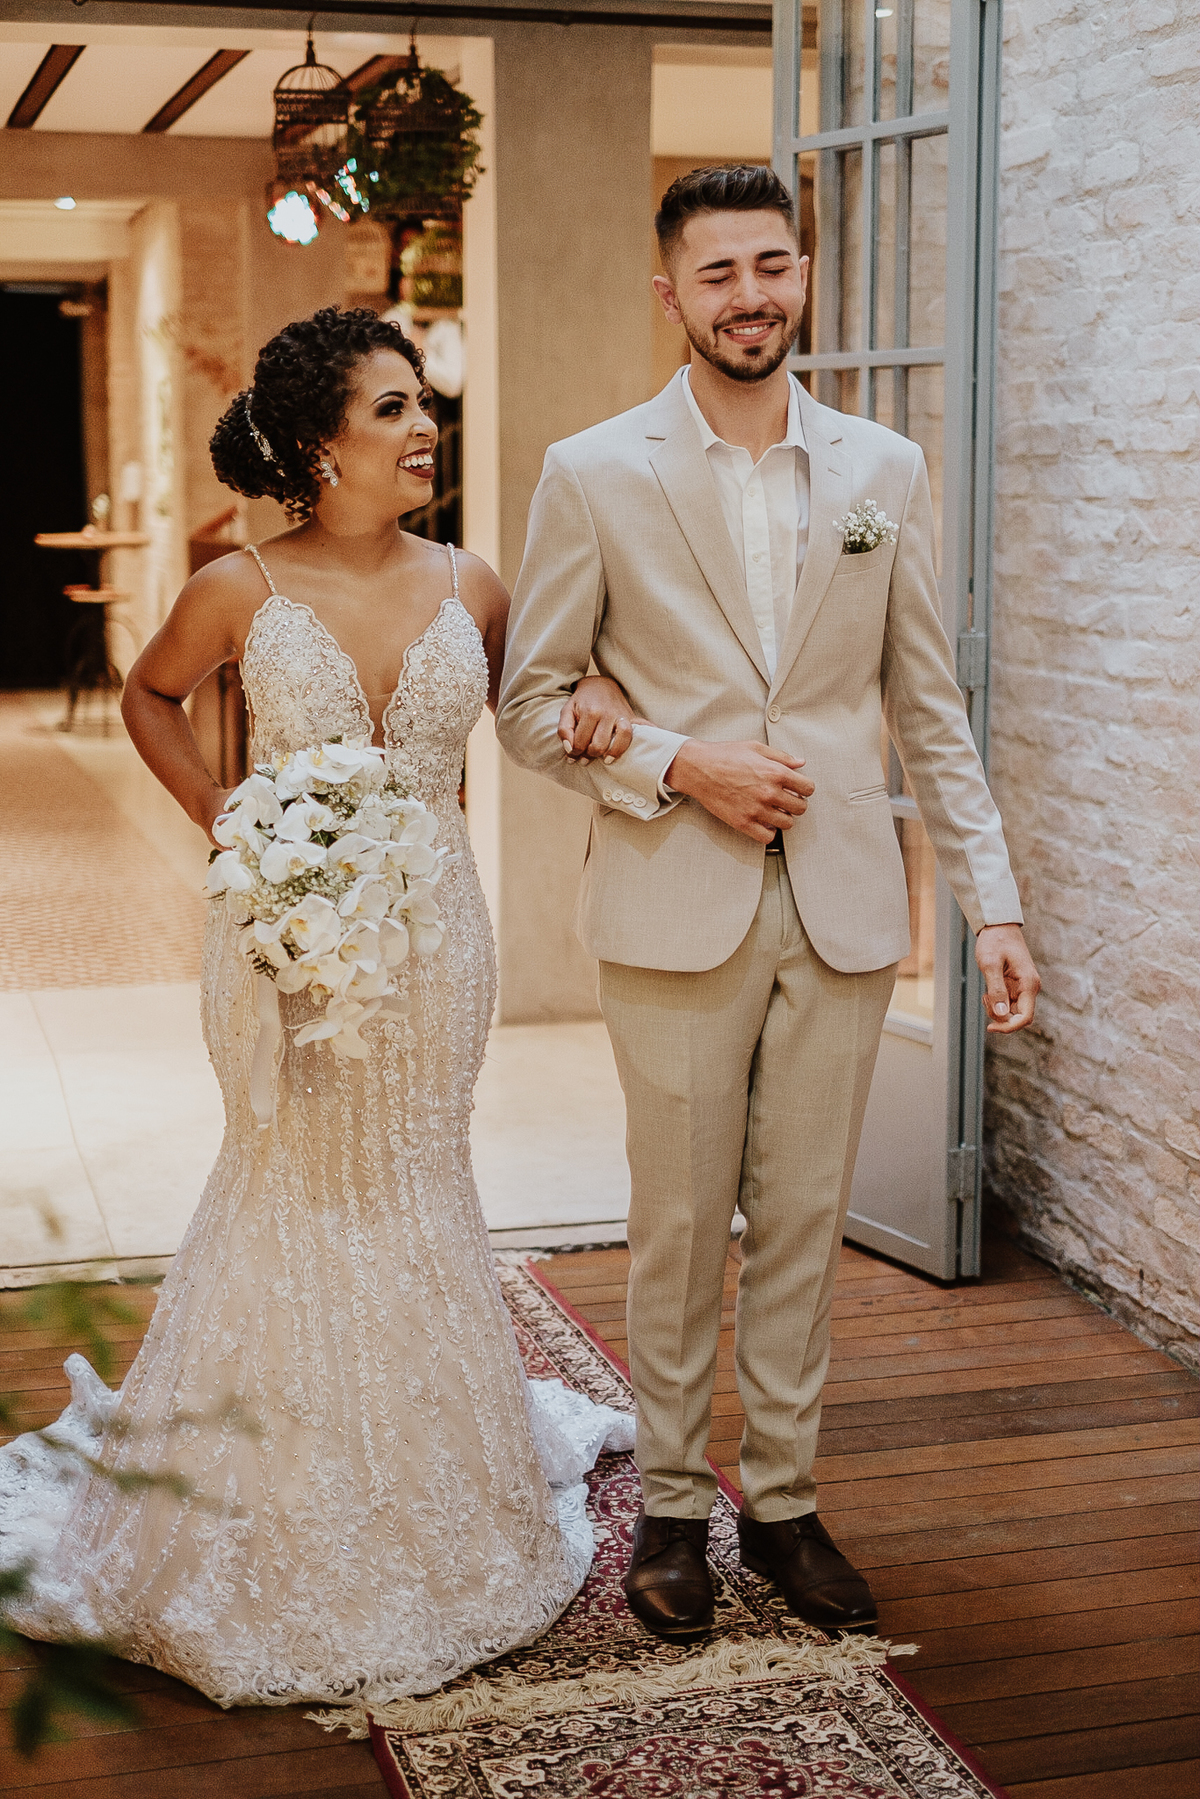 casamentos boho chic intimista na casa quena entrada da noiva vestido de noiva fotografia de casamento por caio henrique noiva sorrindo entrada dos noivos